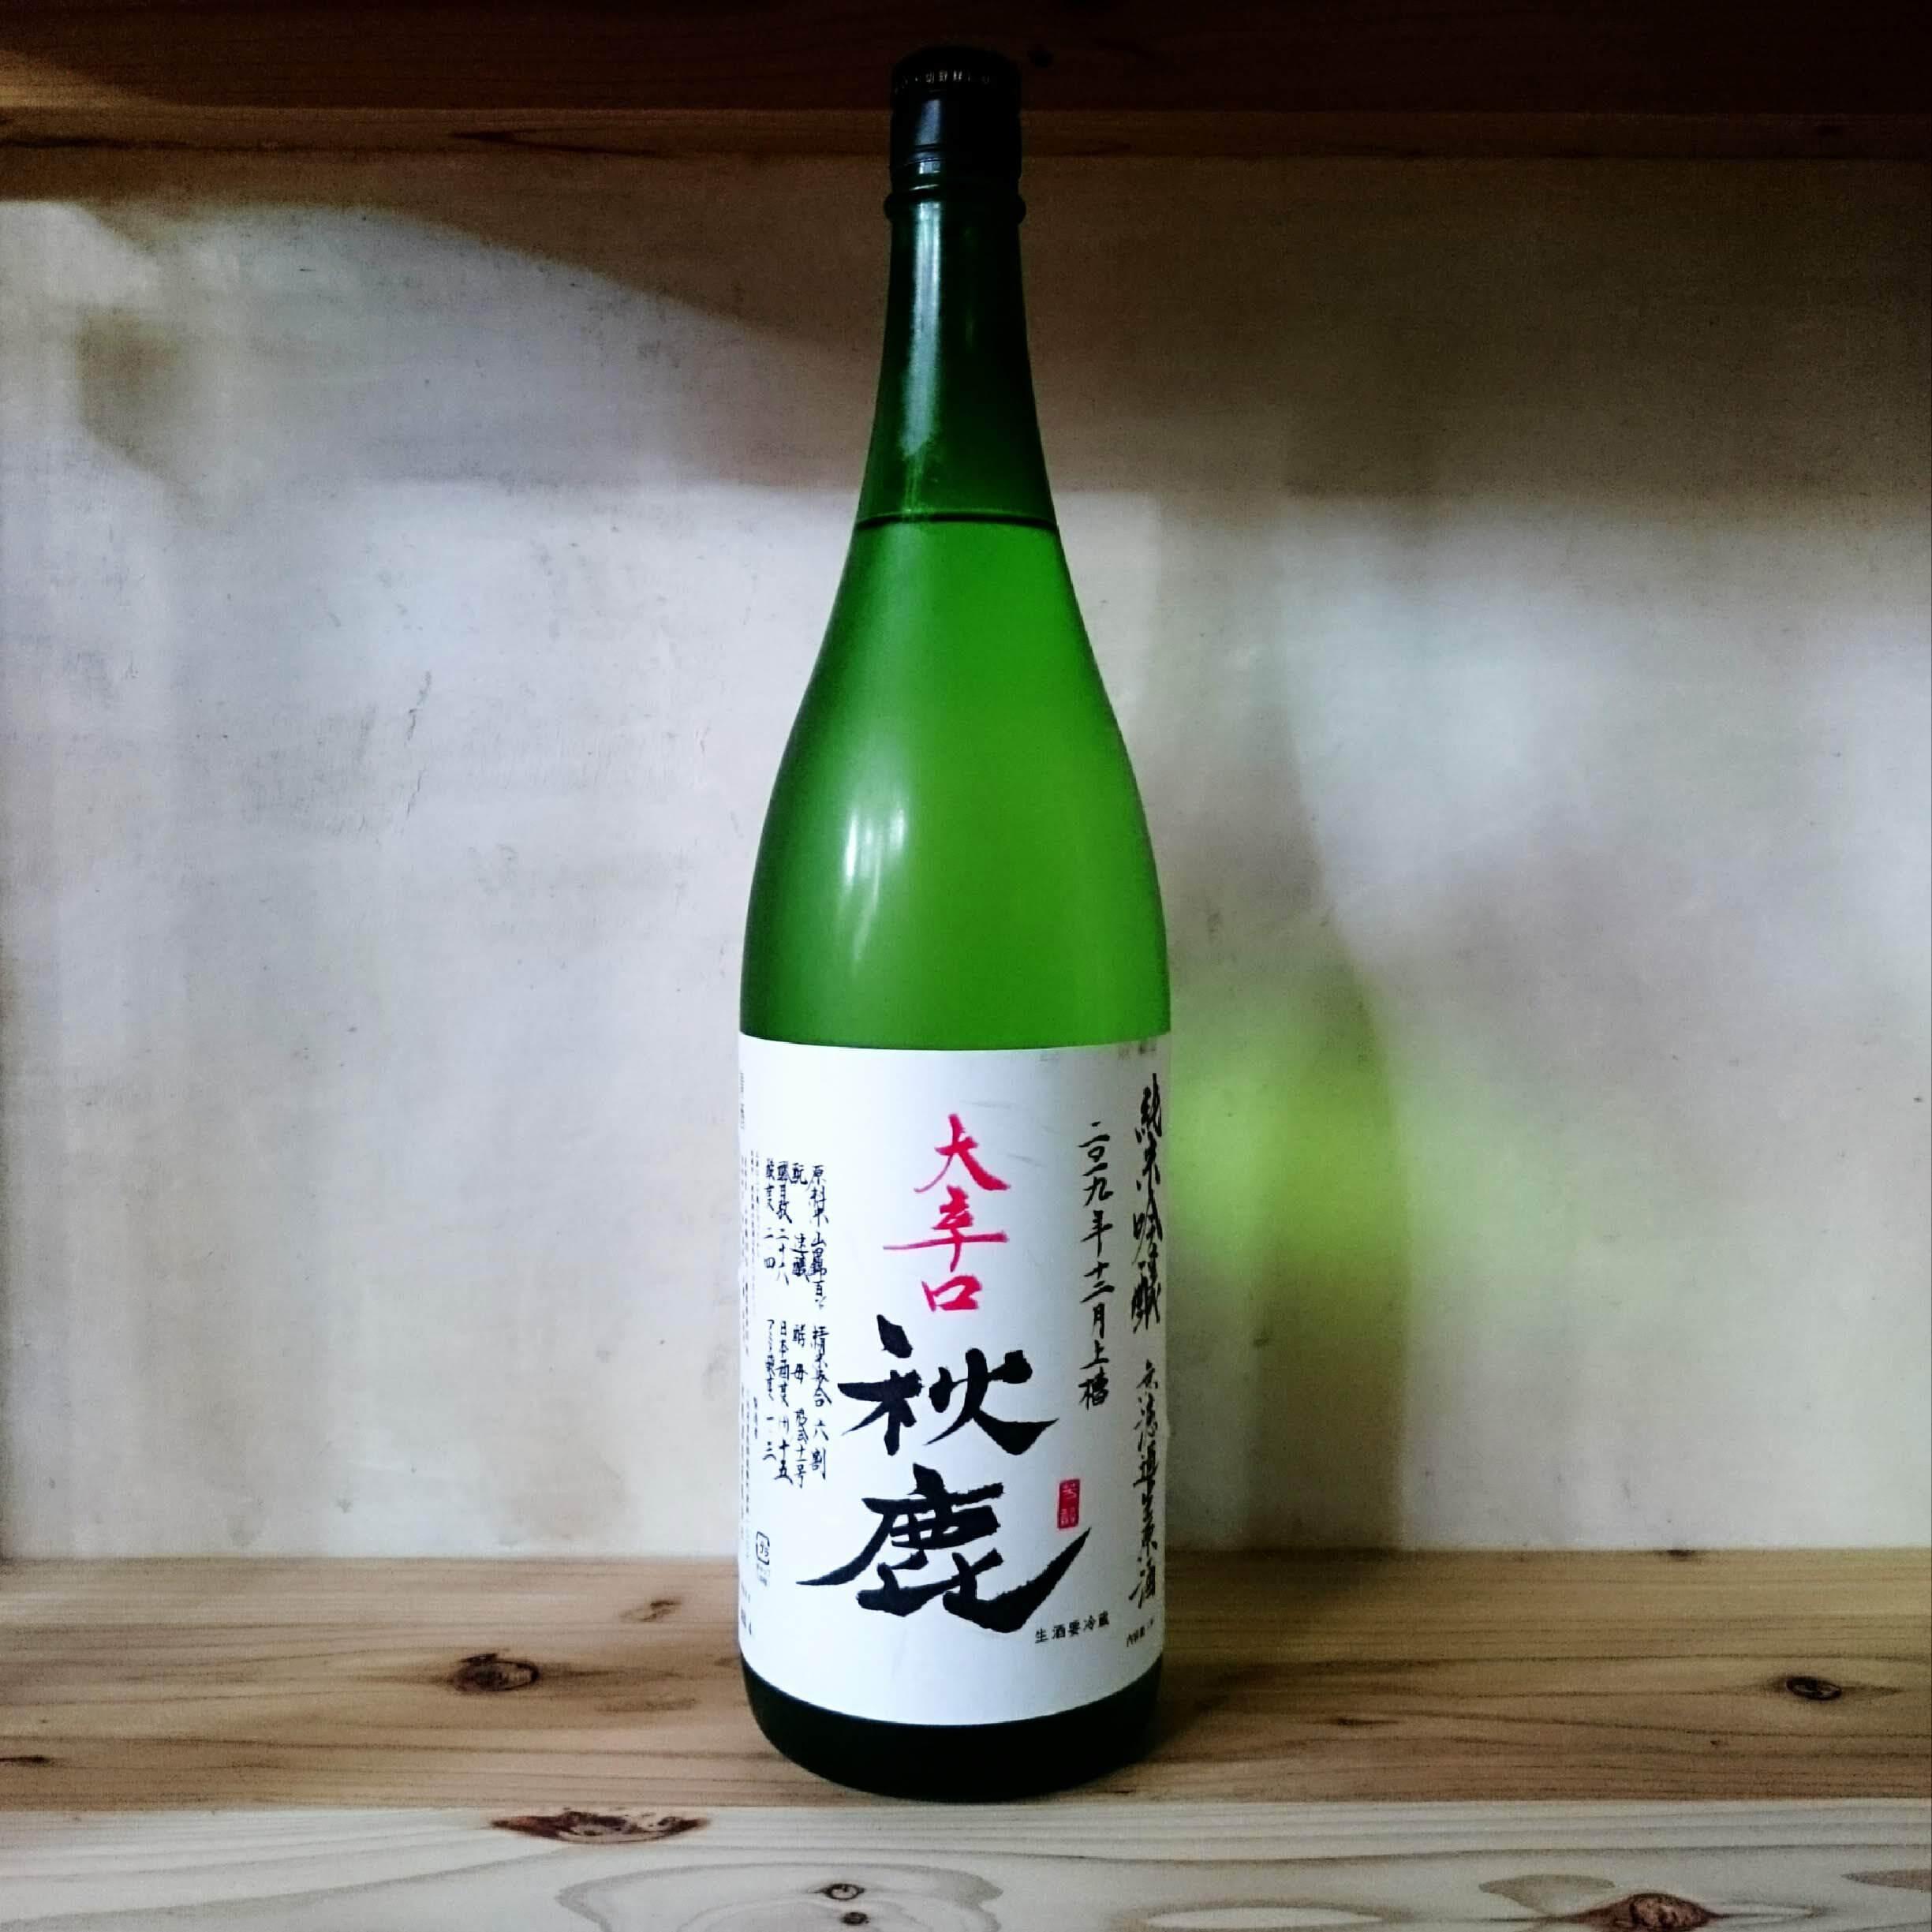 秋鹿 純米吟醸 大辛口 生原酒 1.8L